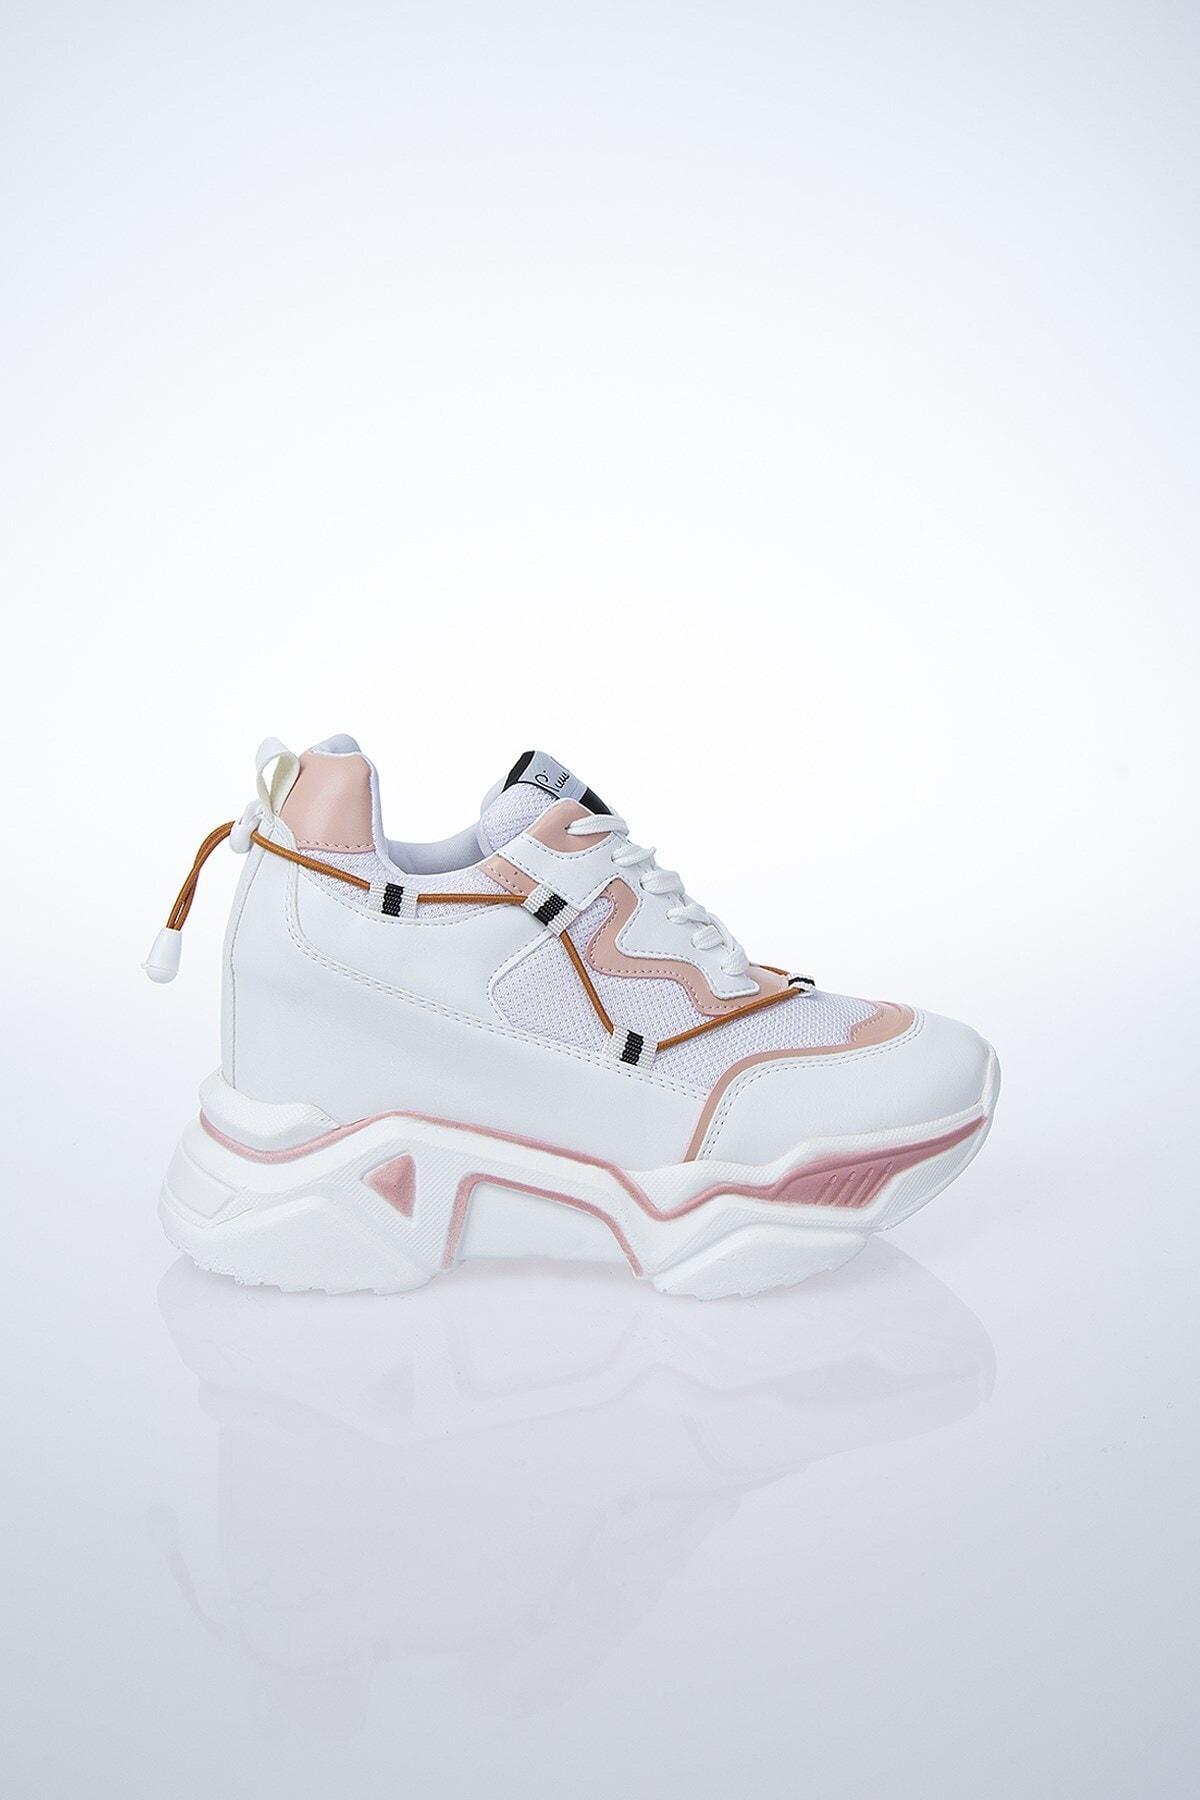 Pierre Cardin PC-30192 Beyaz-Pudra Kadın Spor Ayakkabı 1